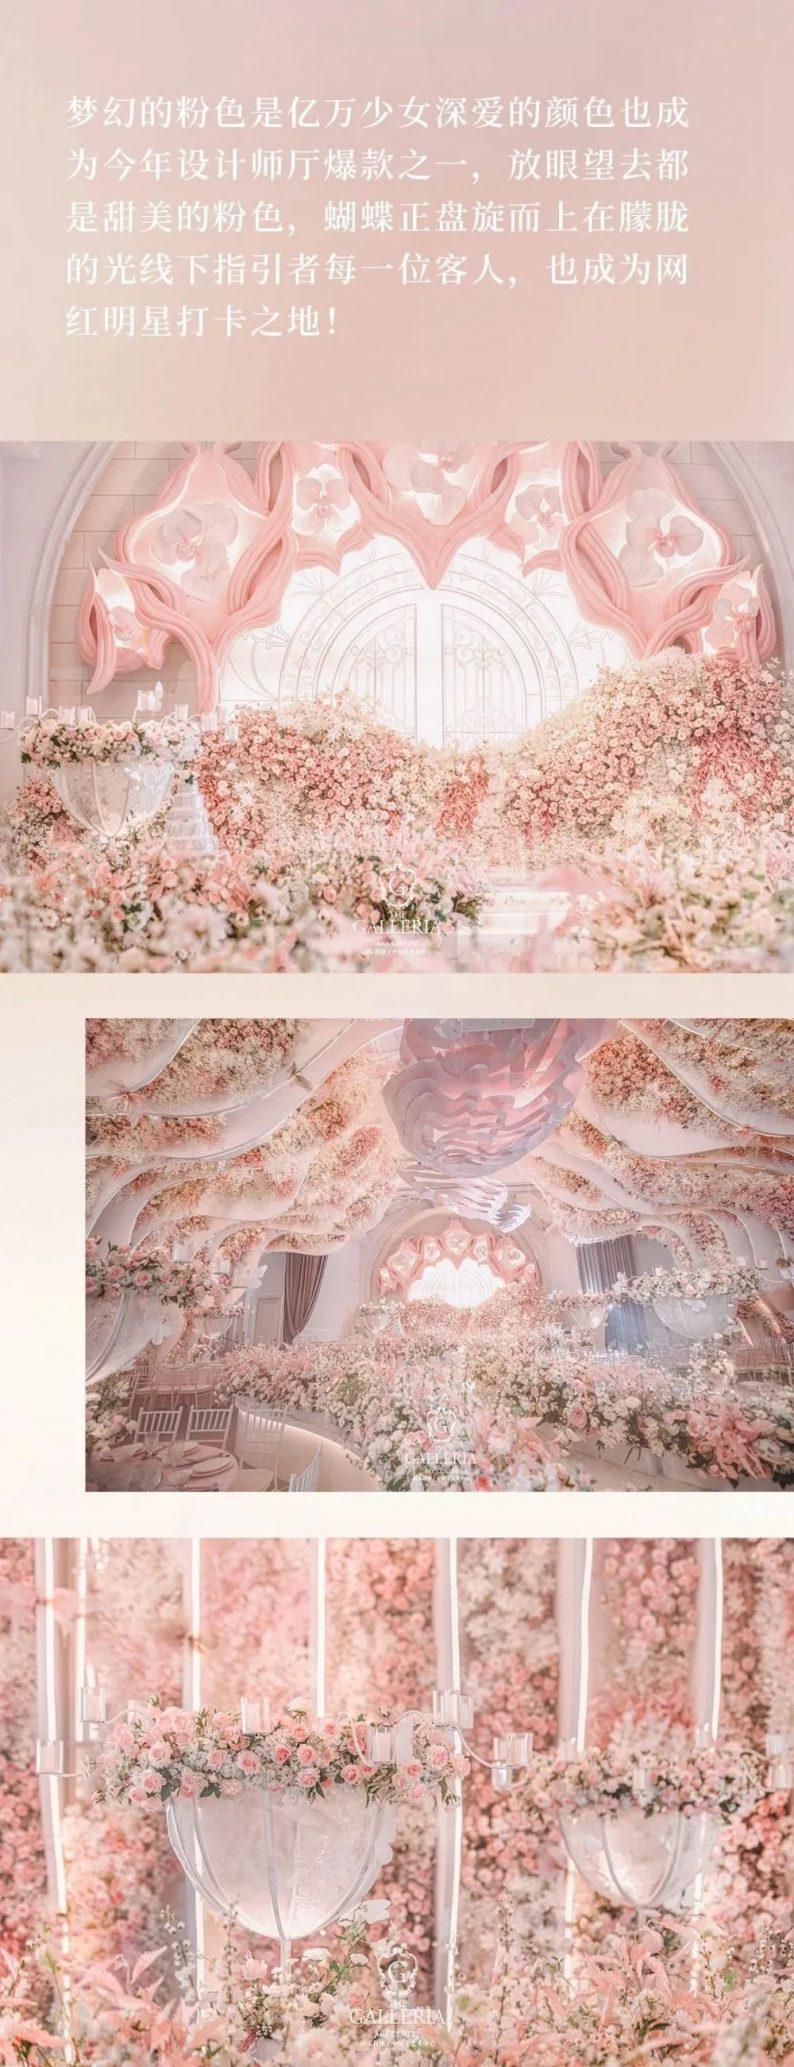 格乐利雅9大设计师宴会厅合集  第31张